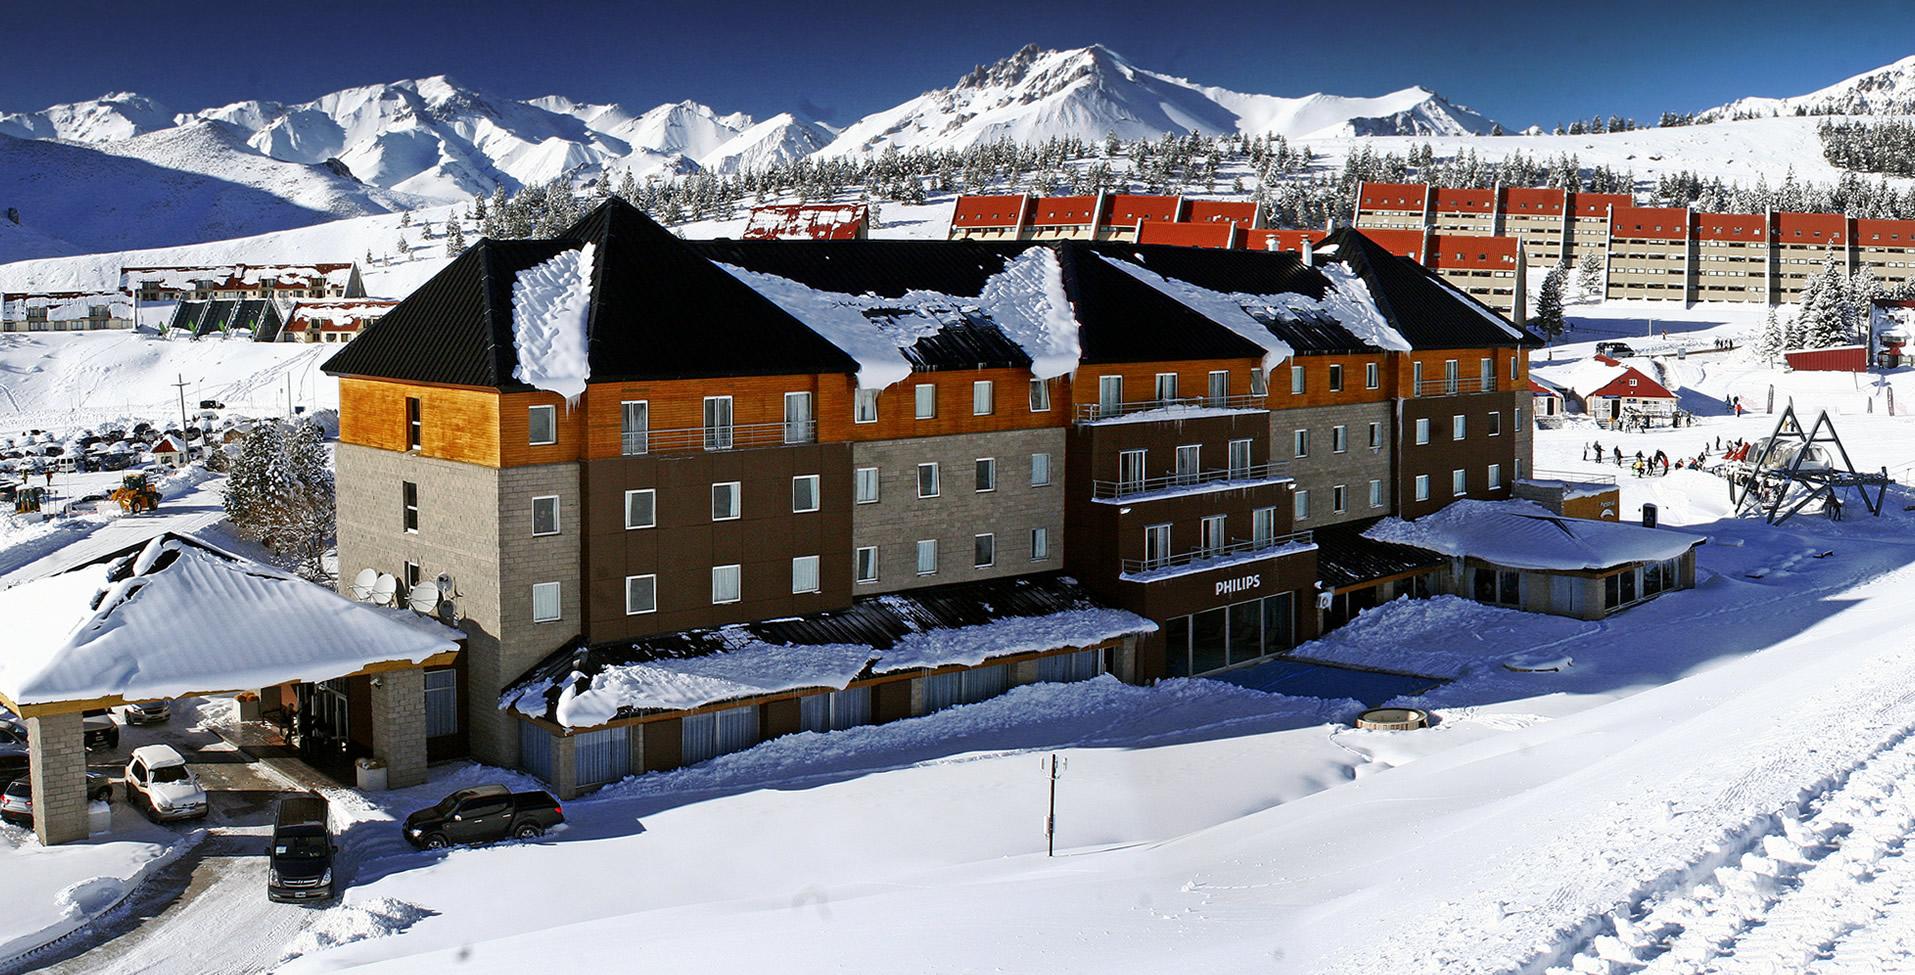 Hotel Virgo Las Leñas